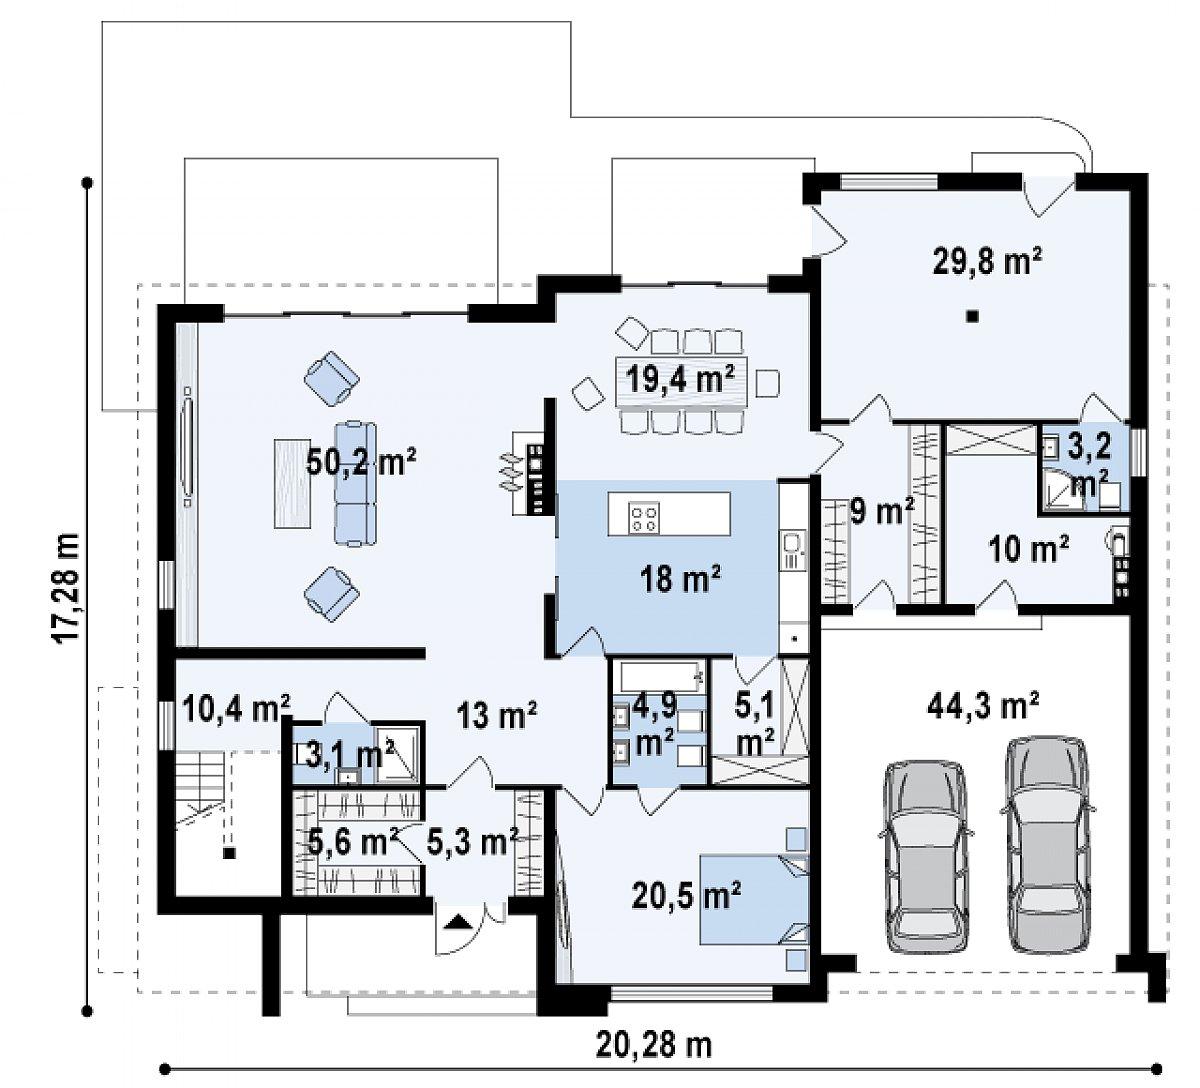 Первый этаж 207,5(251,7м²) дома Zx20